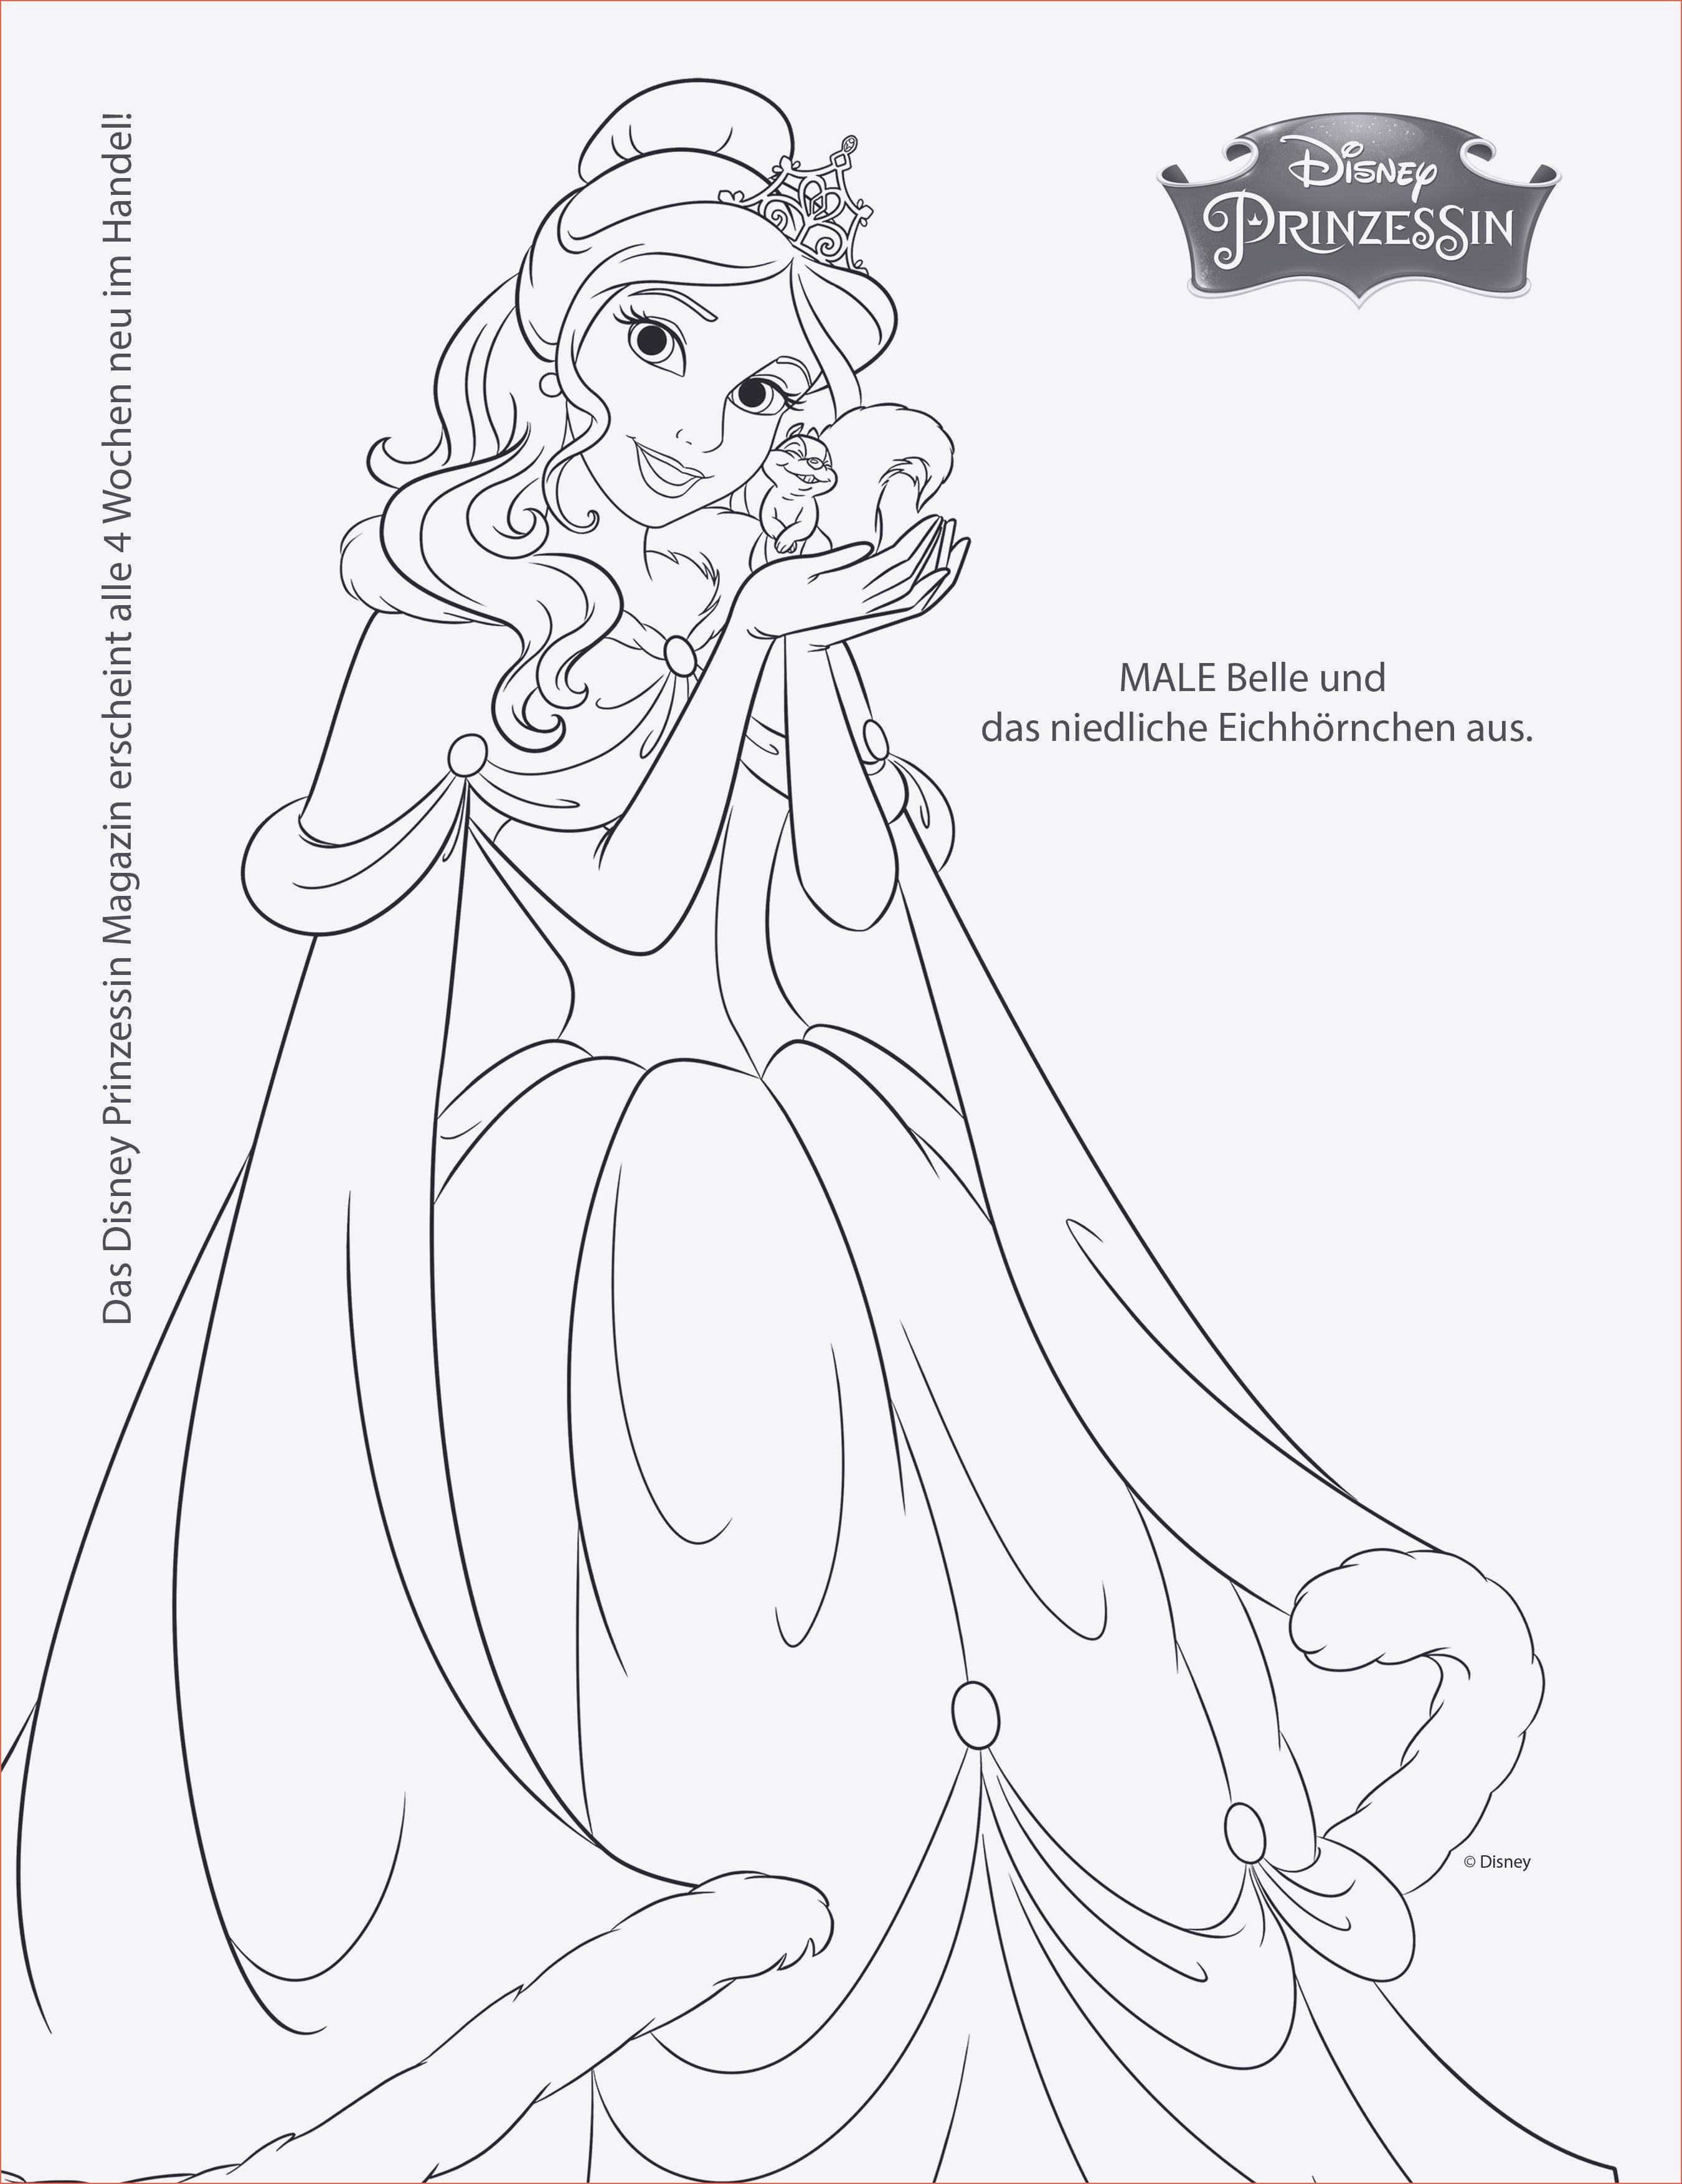 Ausmalbilder Kostenlos Violetta Inspirierend Ausmalbilder Kostenlos Elsa Einzigartig Ausmalbilder Ausdrucken Bilder